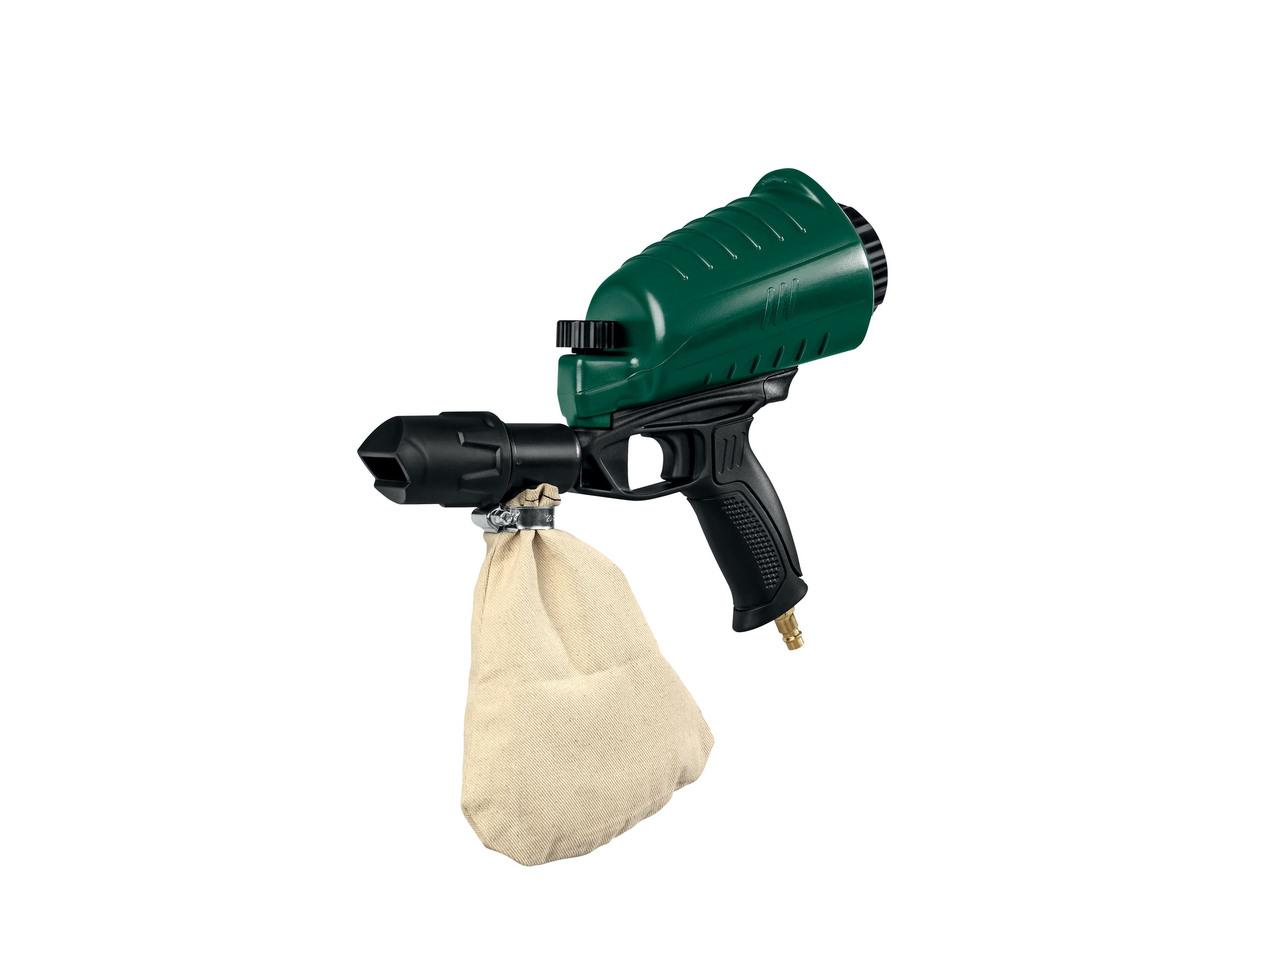 Pistola elettrica per verniciare lidl riparazioni for Parkside pistola sparapunti elettrica